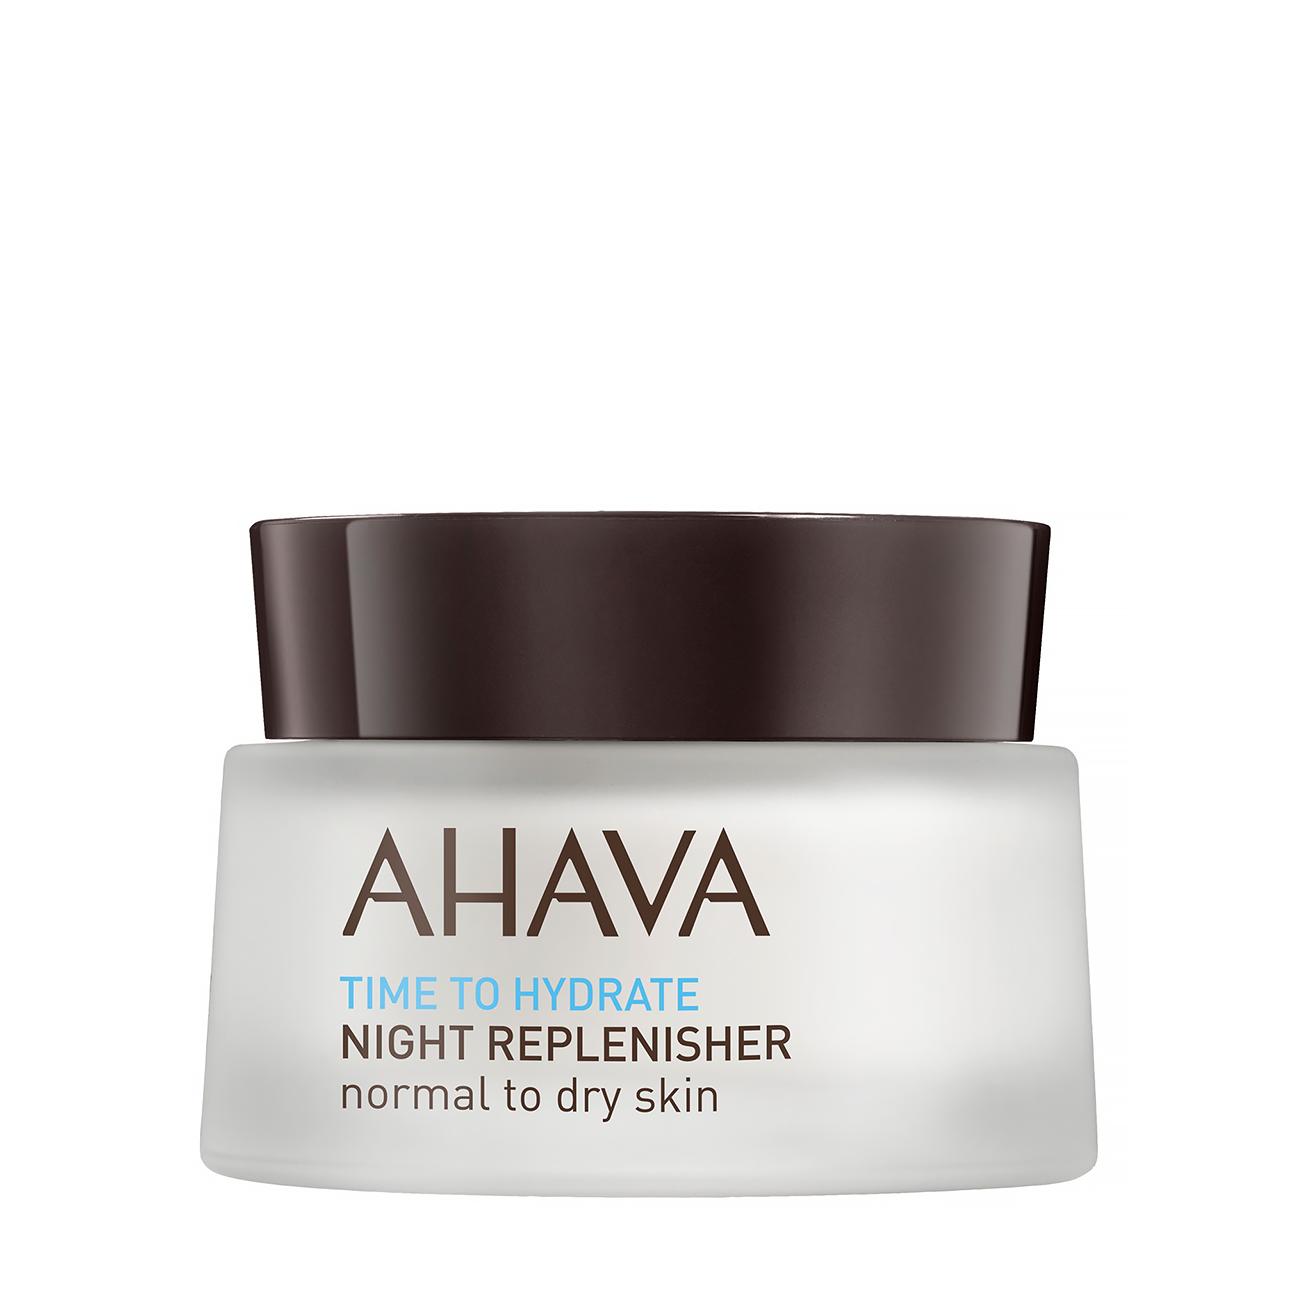 AHAVA - Night Replenisher (Normal to Dry Skin) 50 ml